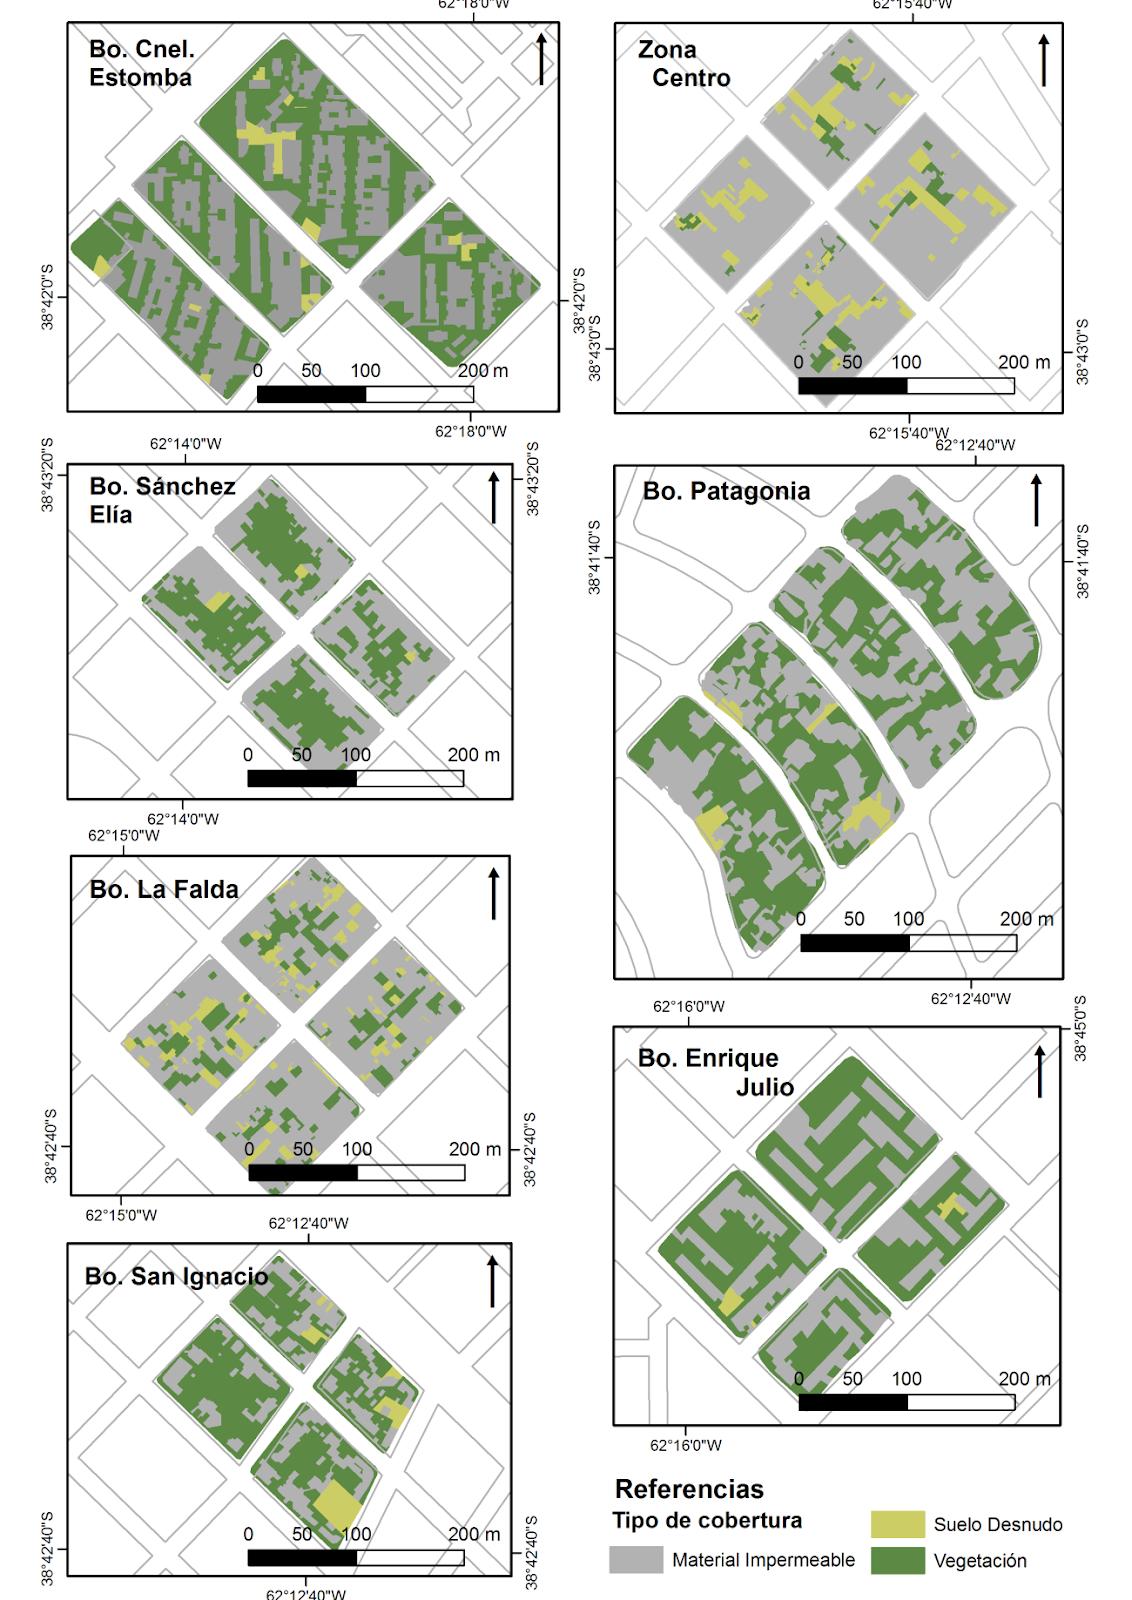 Distribución  de los tipos de cobertura de la superficie en los distritos analizados